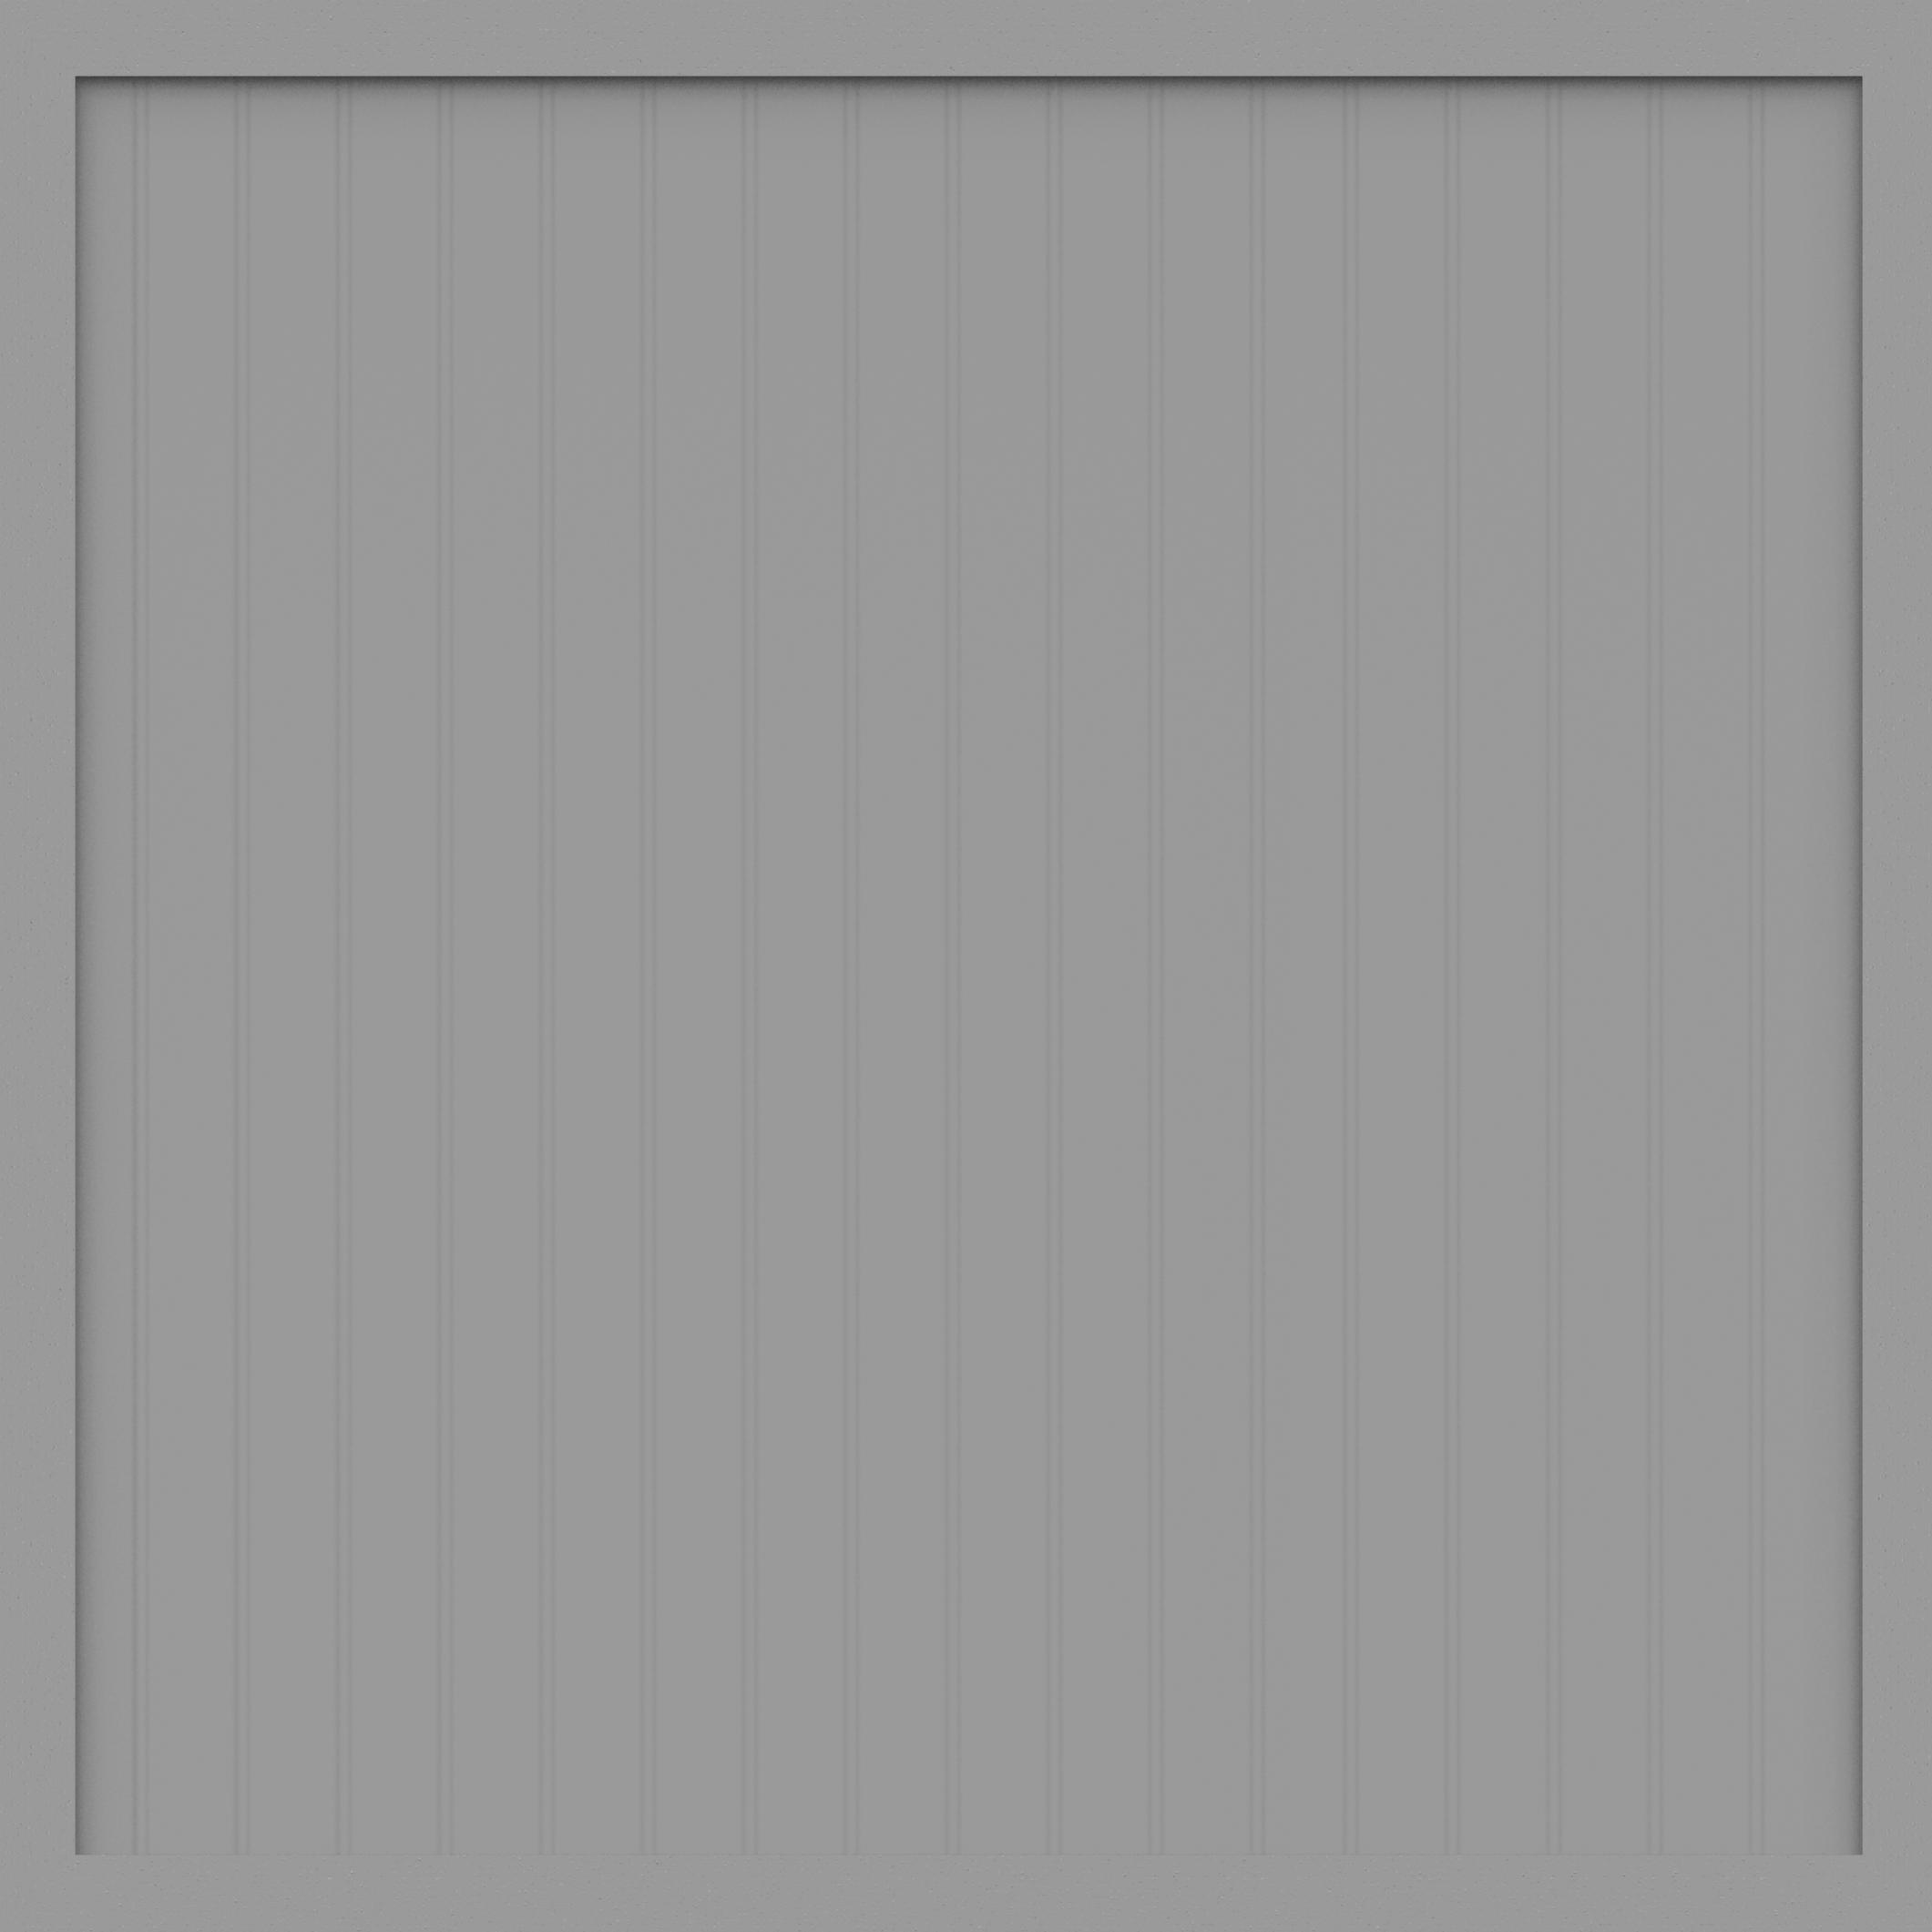 basicline sichtschutz typ a180 silbergrau 180x180 z une sichtschutzelemente im onlineshop. Black Bedroom Furniture Sets. Home Design Ideas